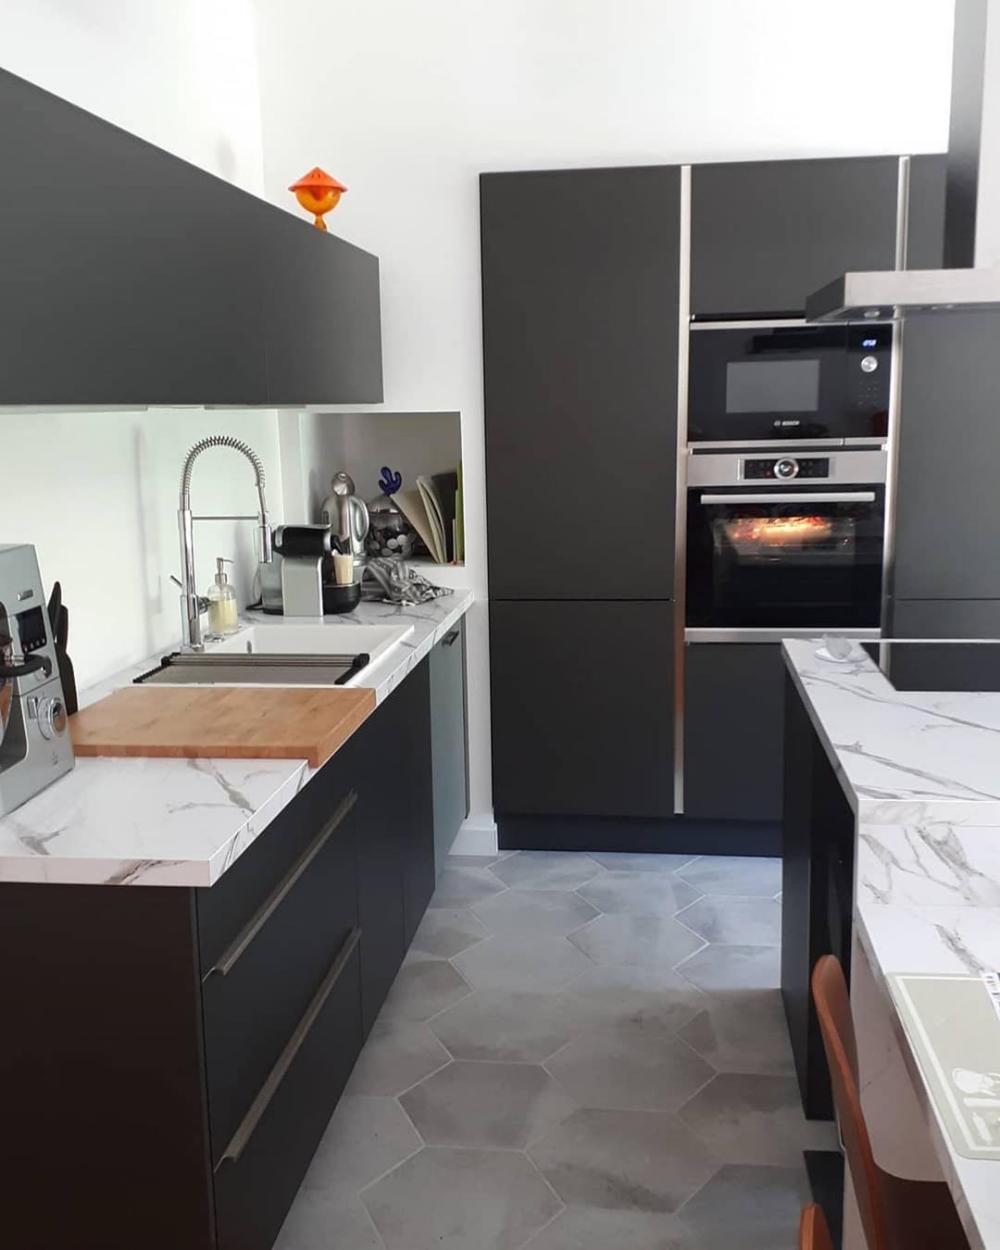 Plan De Travail Cuisinella cuisine de @renovation_au_no.16 : façades métal brossé, plan